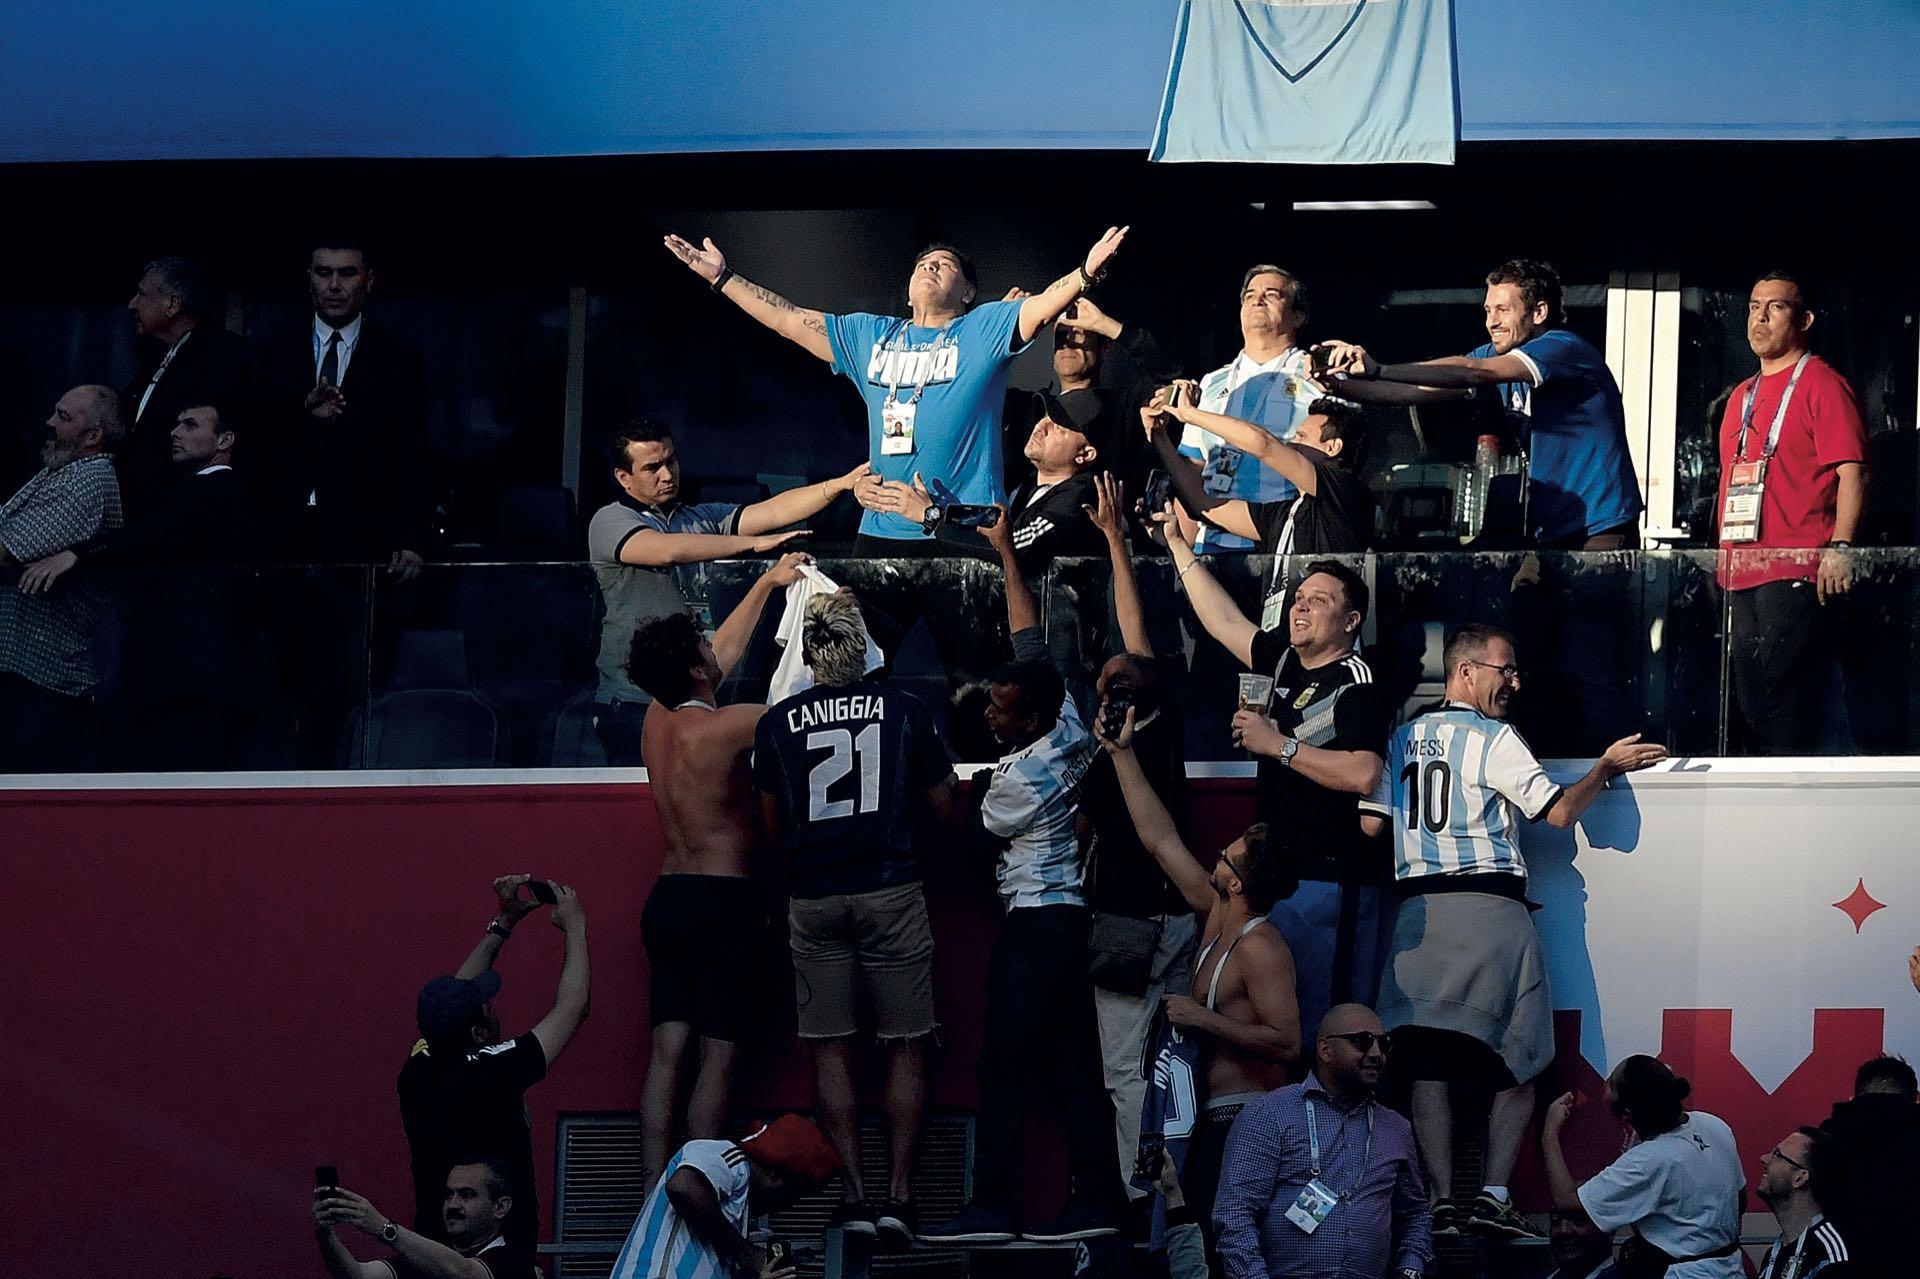 Junio. El Mundial de Rusia tuvo momentos inolvidables: los goles de Mbappé, la calidad de Modric, los destellos de Messi… Y fuera de la cancha, el imán de –quizás– el más grande futbolista de todas las épocas: Diego Maradona. Todo su histrionismo quedó al descubierto cuando celebró el gol de Leo ante Nigeria. Aquel rayo de sol de San Petersburgo, oportunamente posado sobre él, iluminó su plegaria.